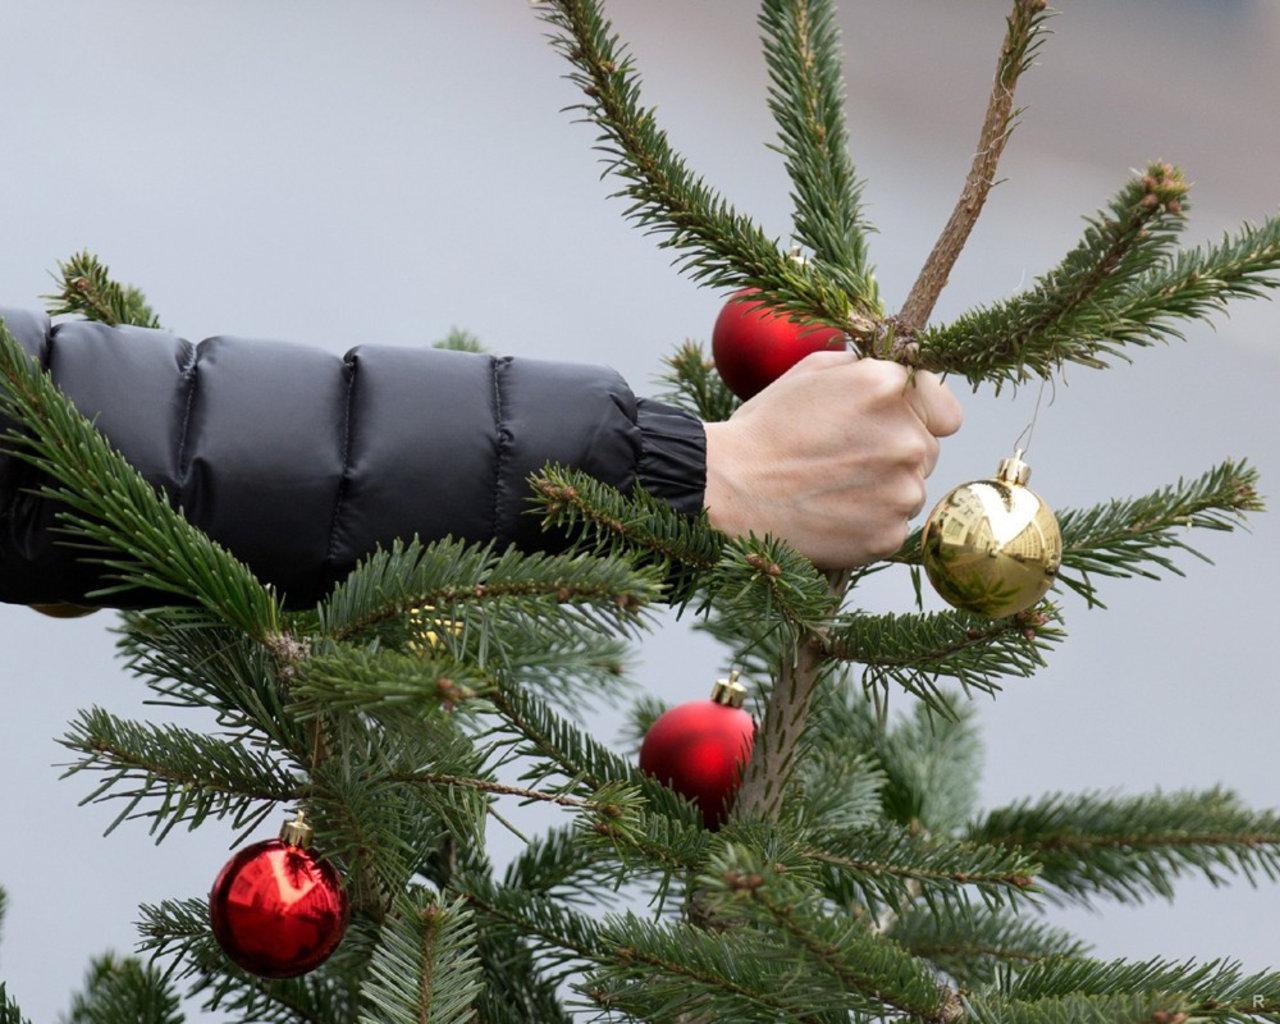 Выкинь елку: в Москве и Петербурге производят сбор хвойных деревьев